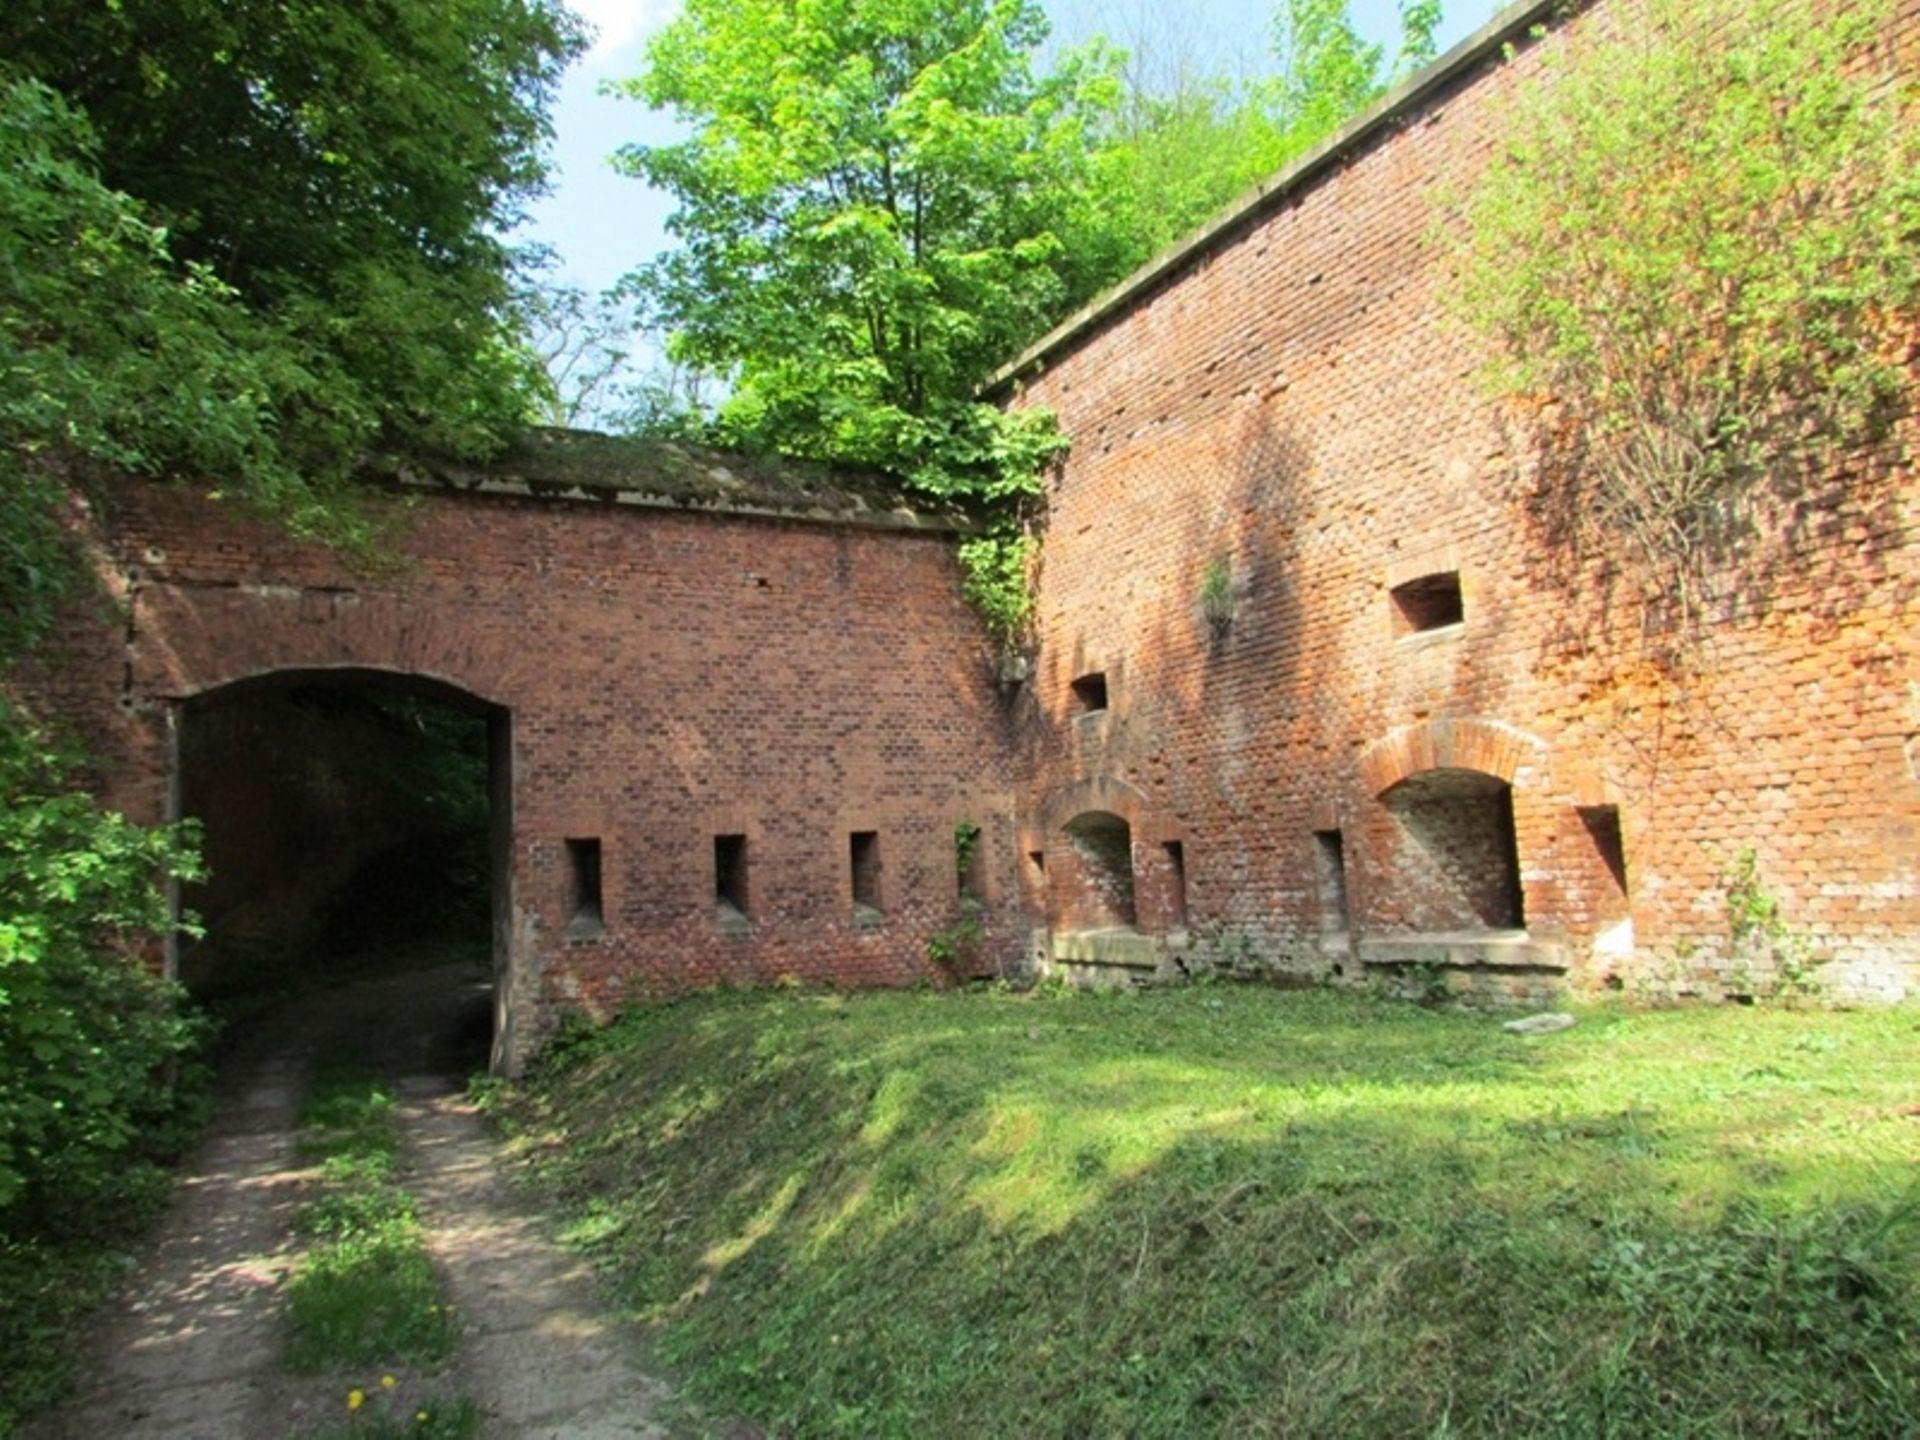 Kraków: AMW sprzedaje zabytkowy fort w Bronowicach. Jest wart miliony